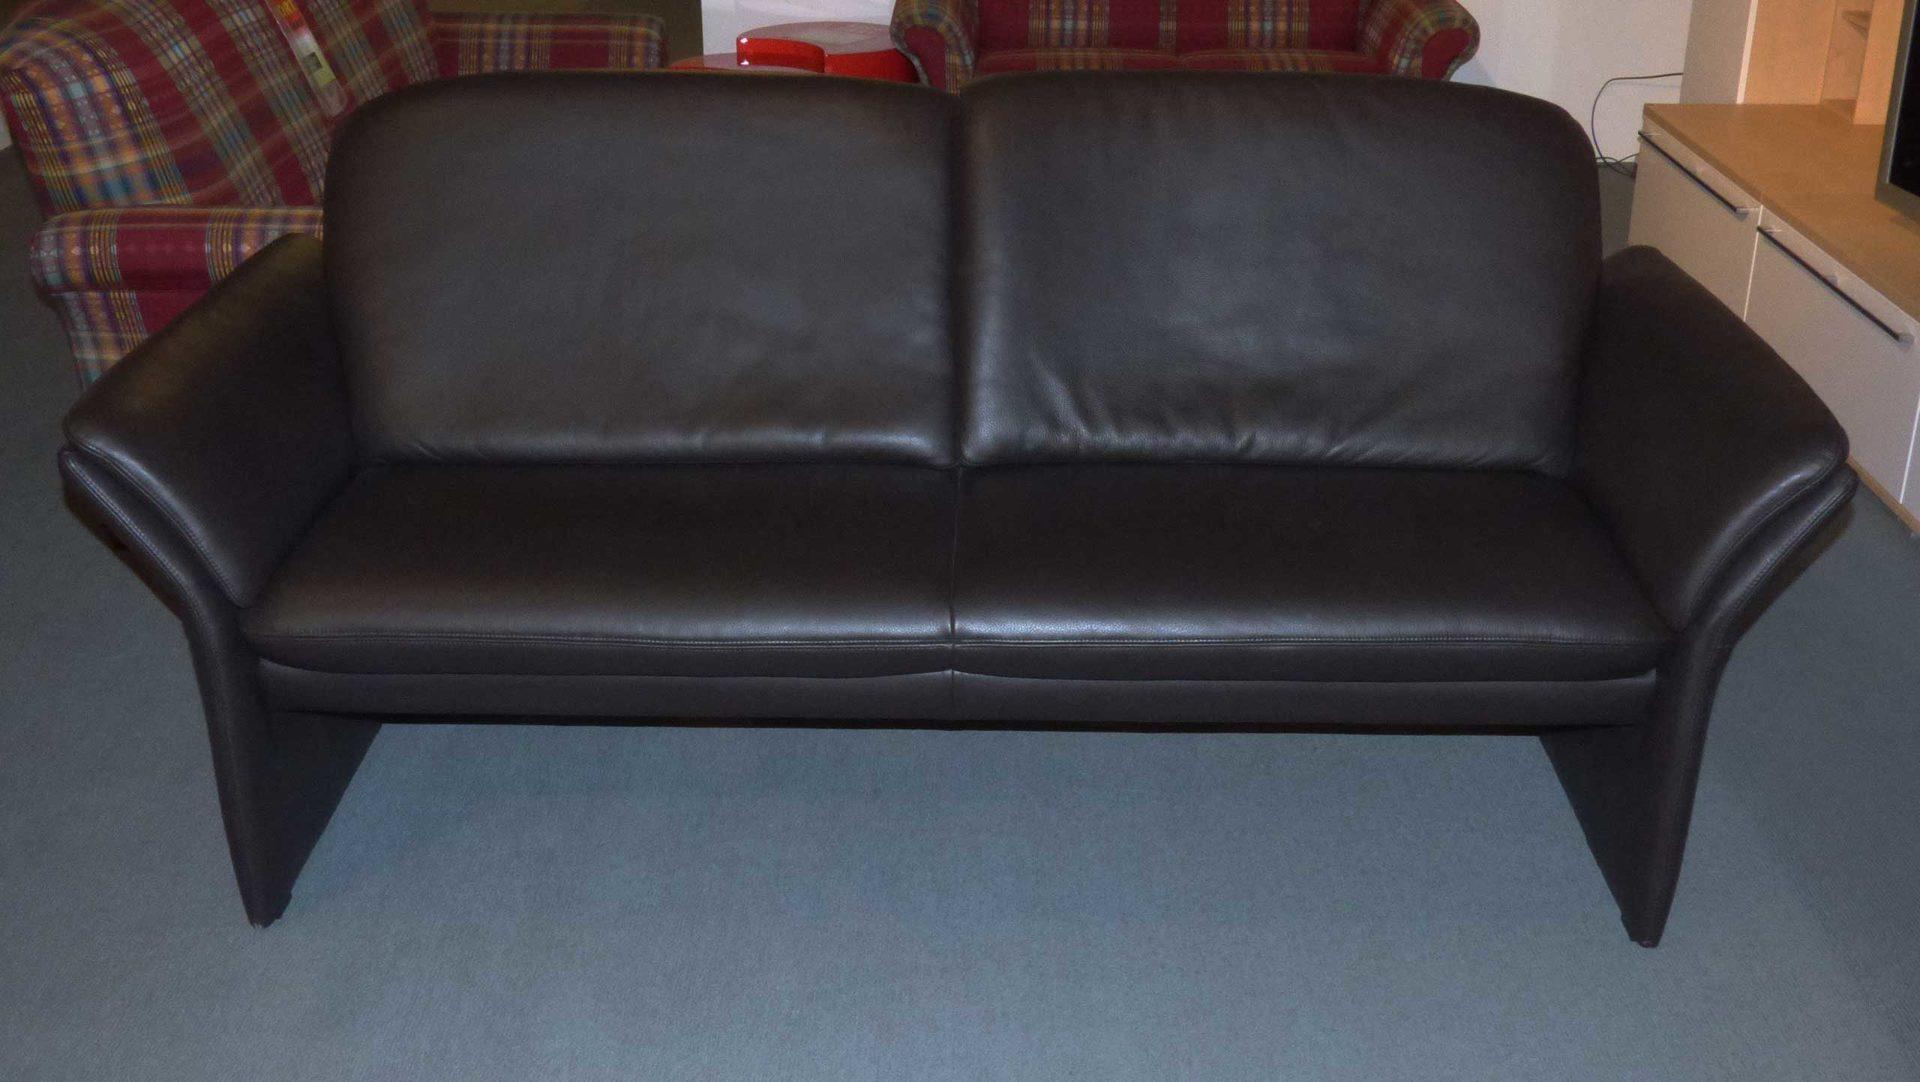 Violetta Couch Sofa 3 Sitzer Nobile 1401 Dickleder Schwarz Braun